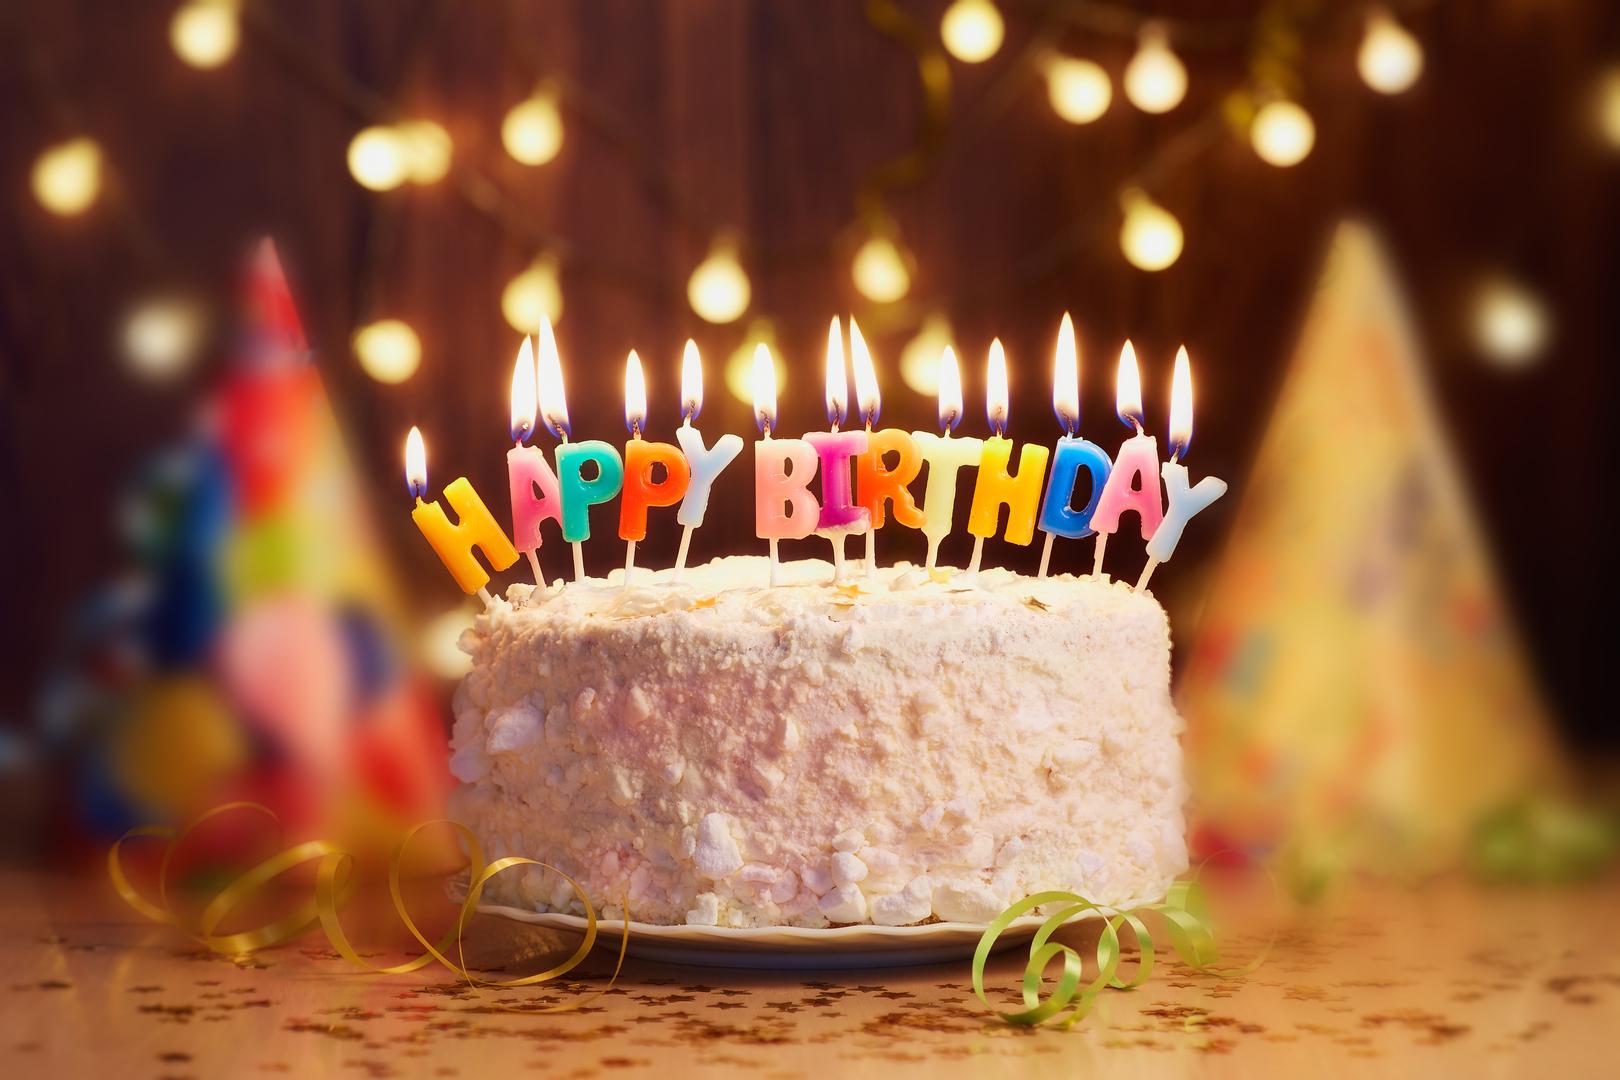 Картинки прикольные, картинки с тортиком на день рождения